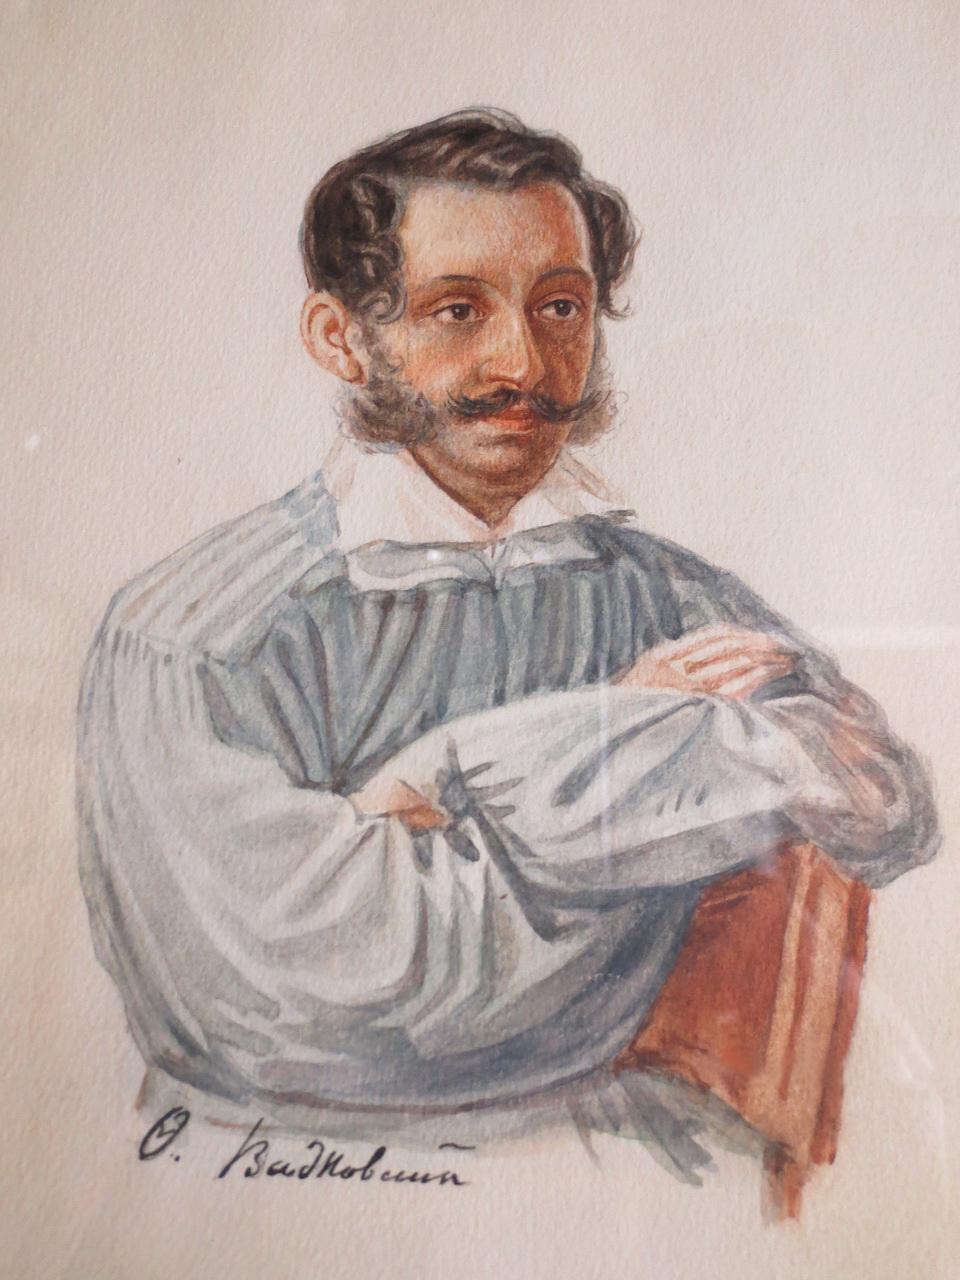 Вадковский, Фёдор Фёдорович (поэт)